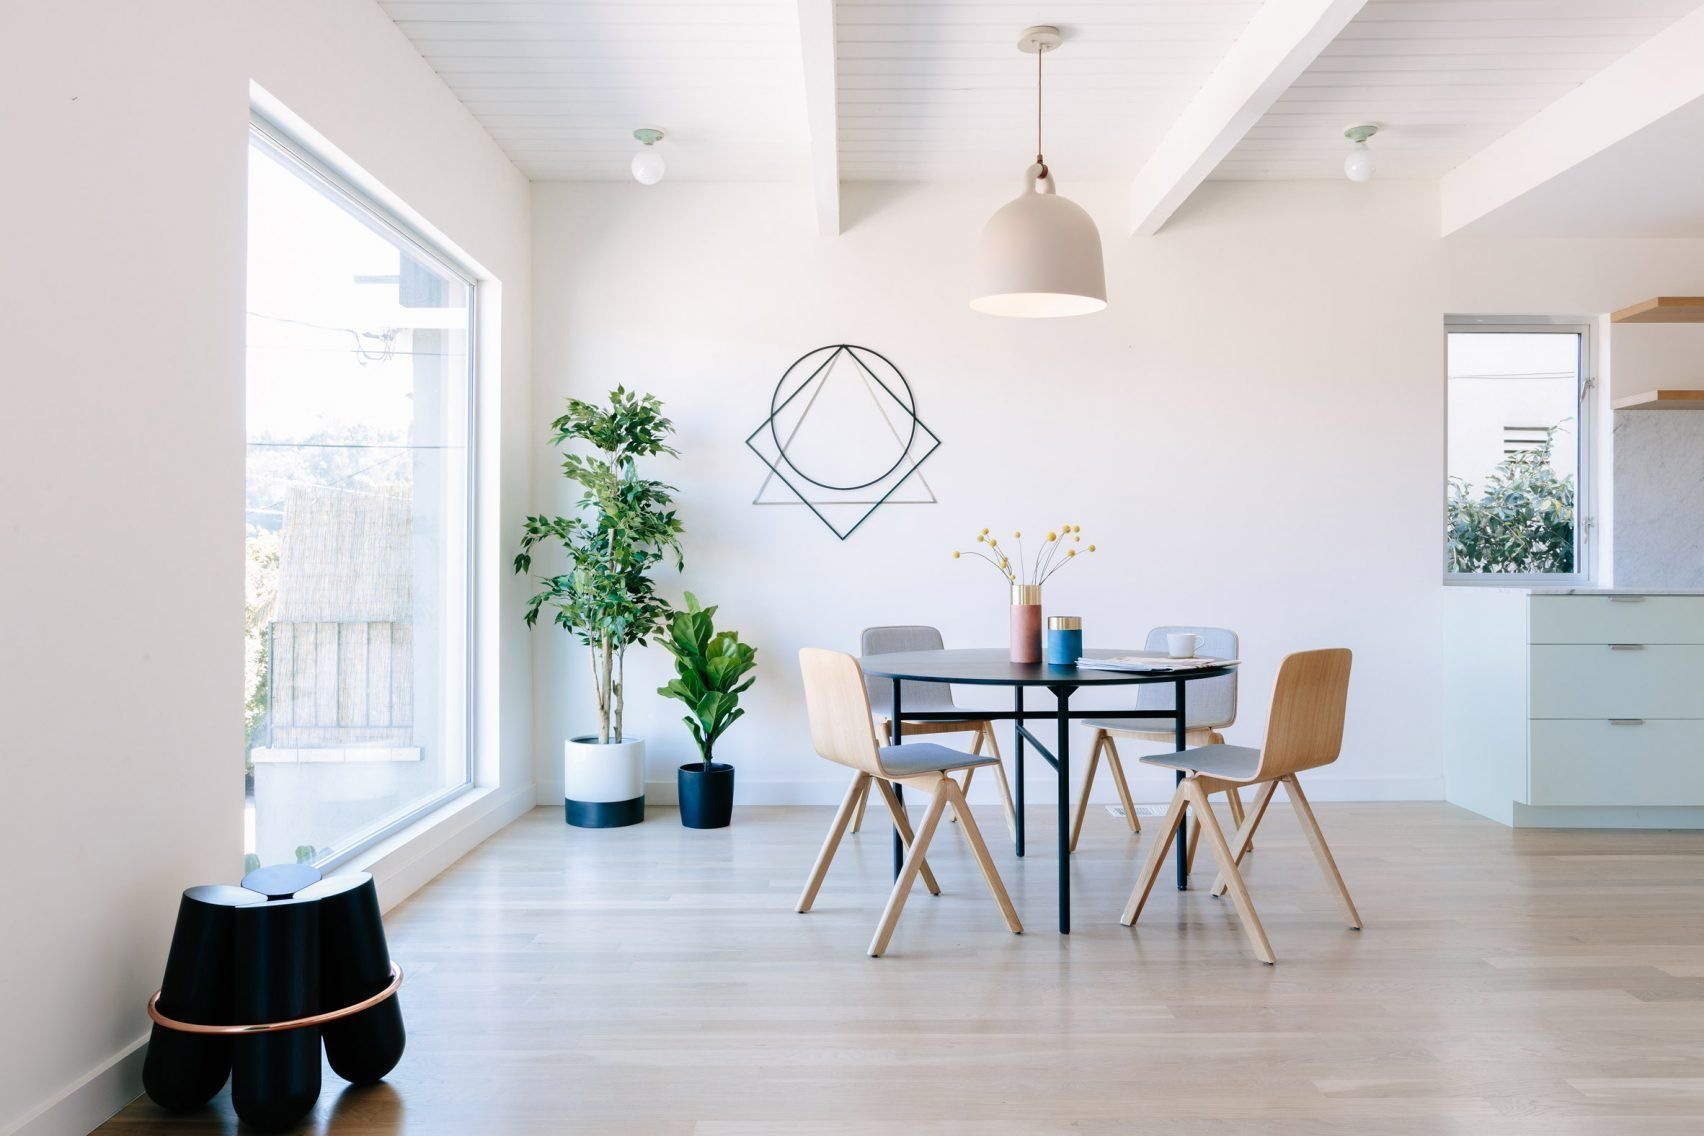 L vormige wonkamer met scandinavische eethoek en mintgroene keuken